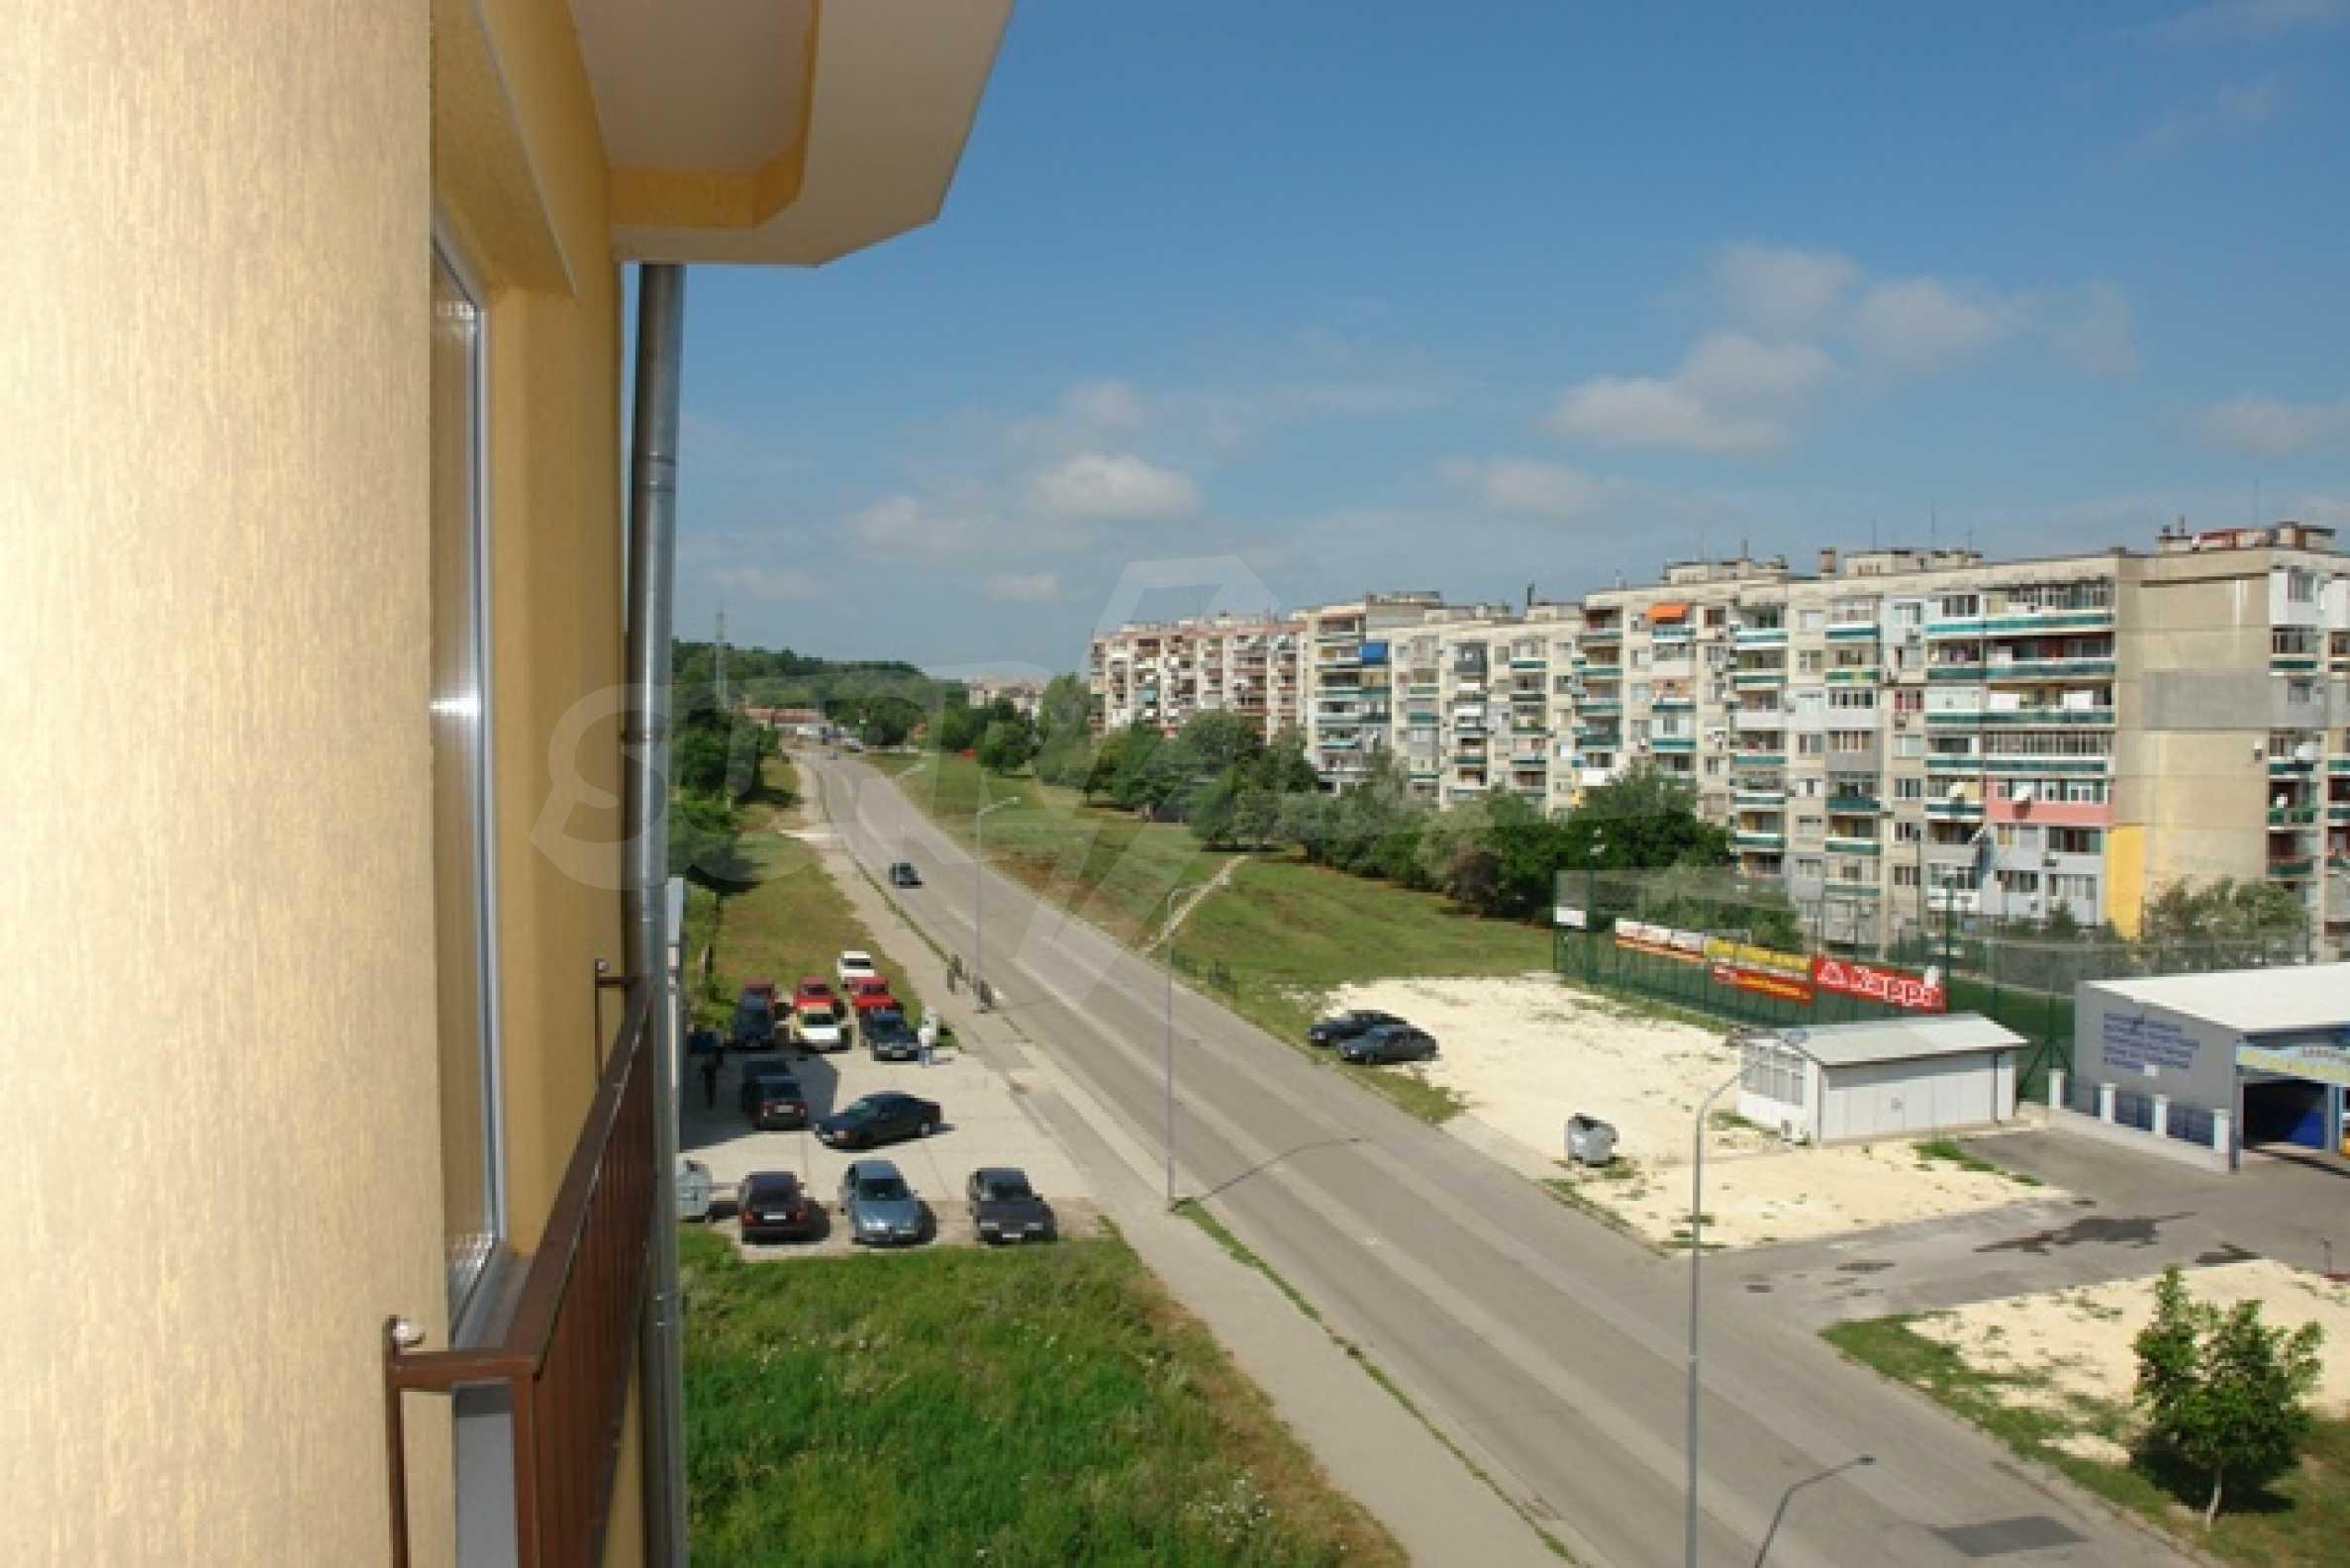 Тристаен апартамент в Русе с невероятна панорама към града 11